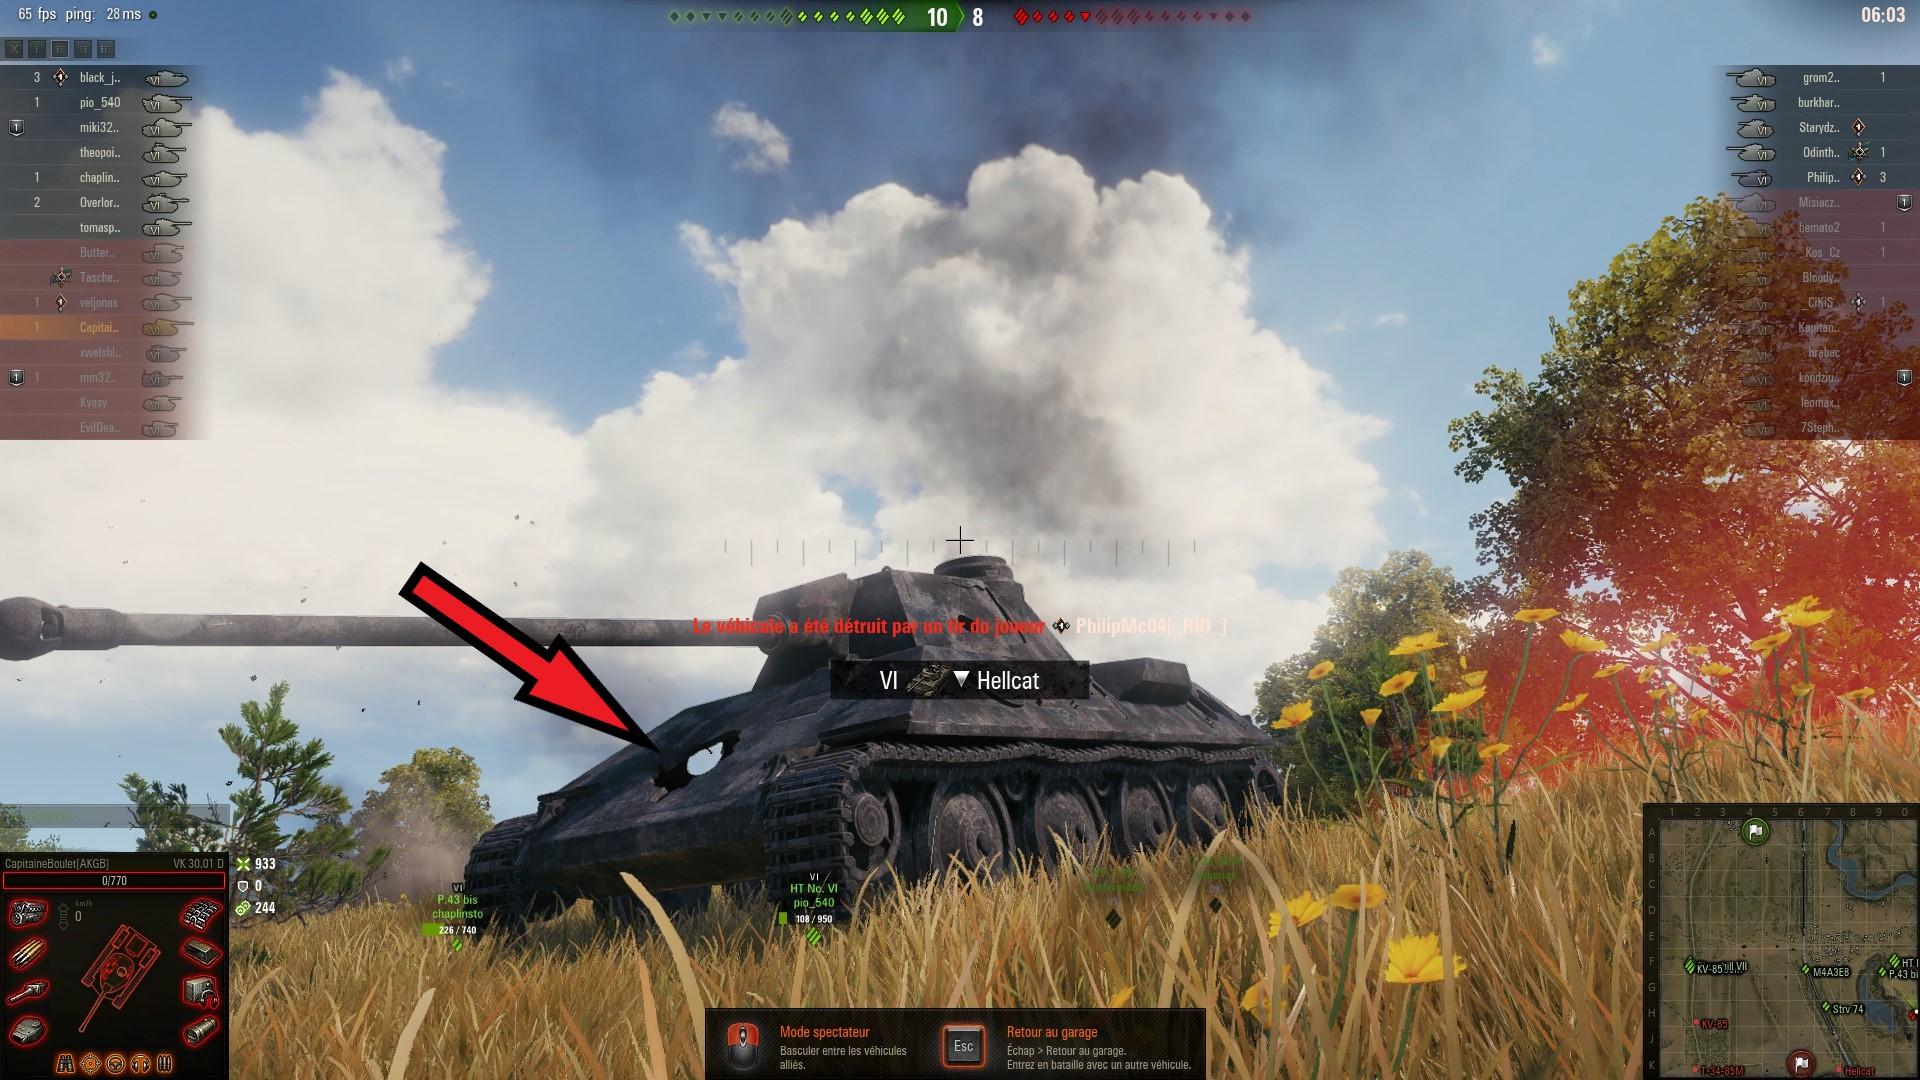 【坦克世界】德式一键删除术!E50是专业的!59当场变-1300式!_哔哩哔哩bilibili_坦克世界_游戏集锦